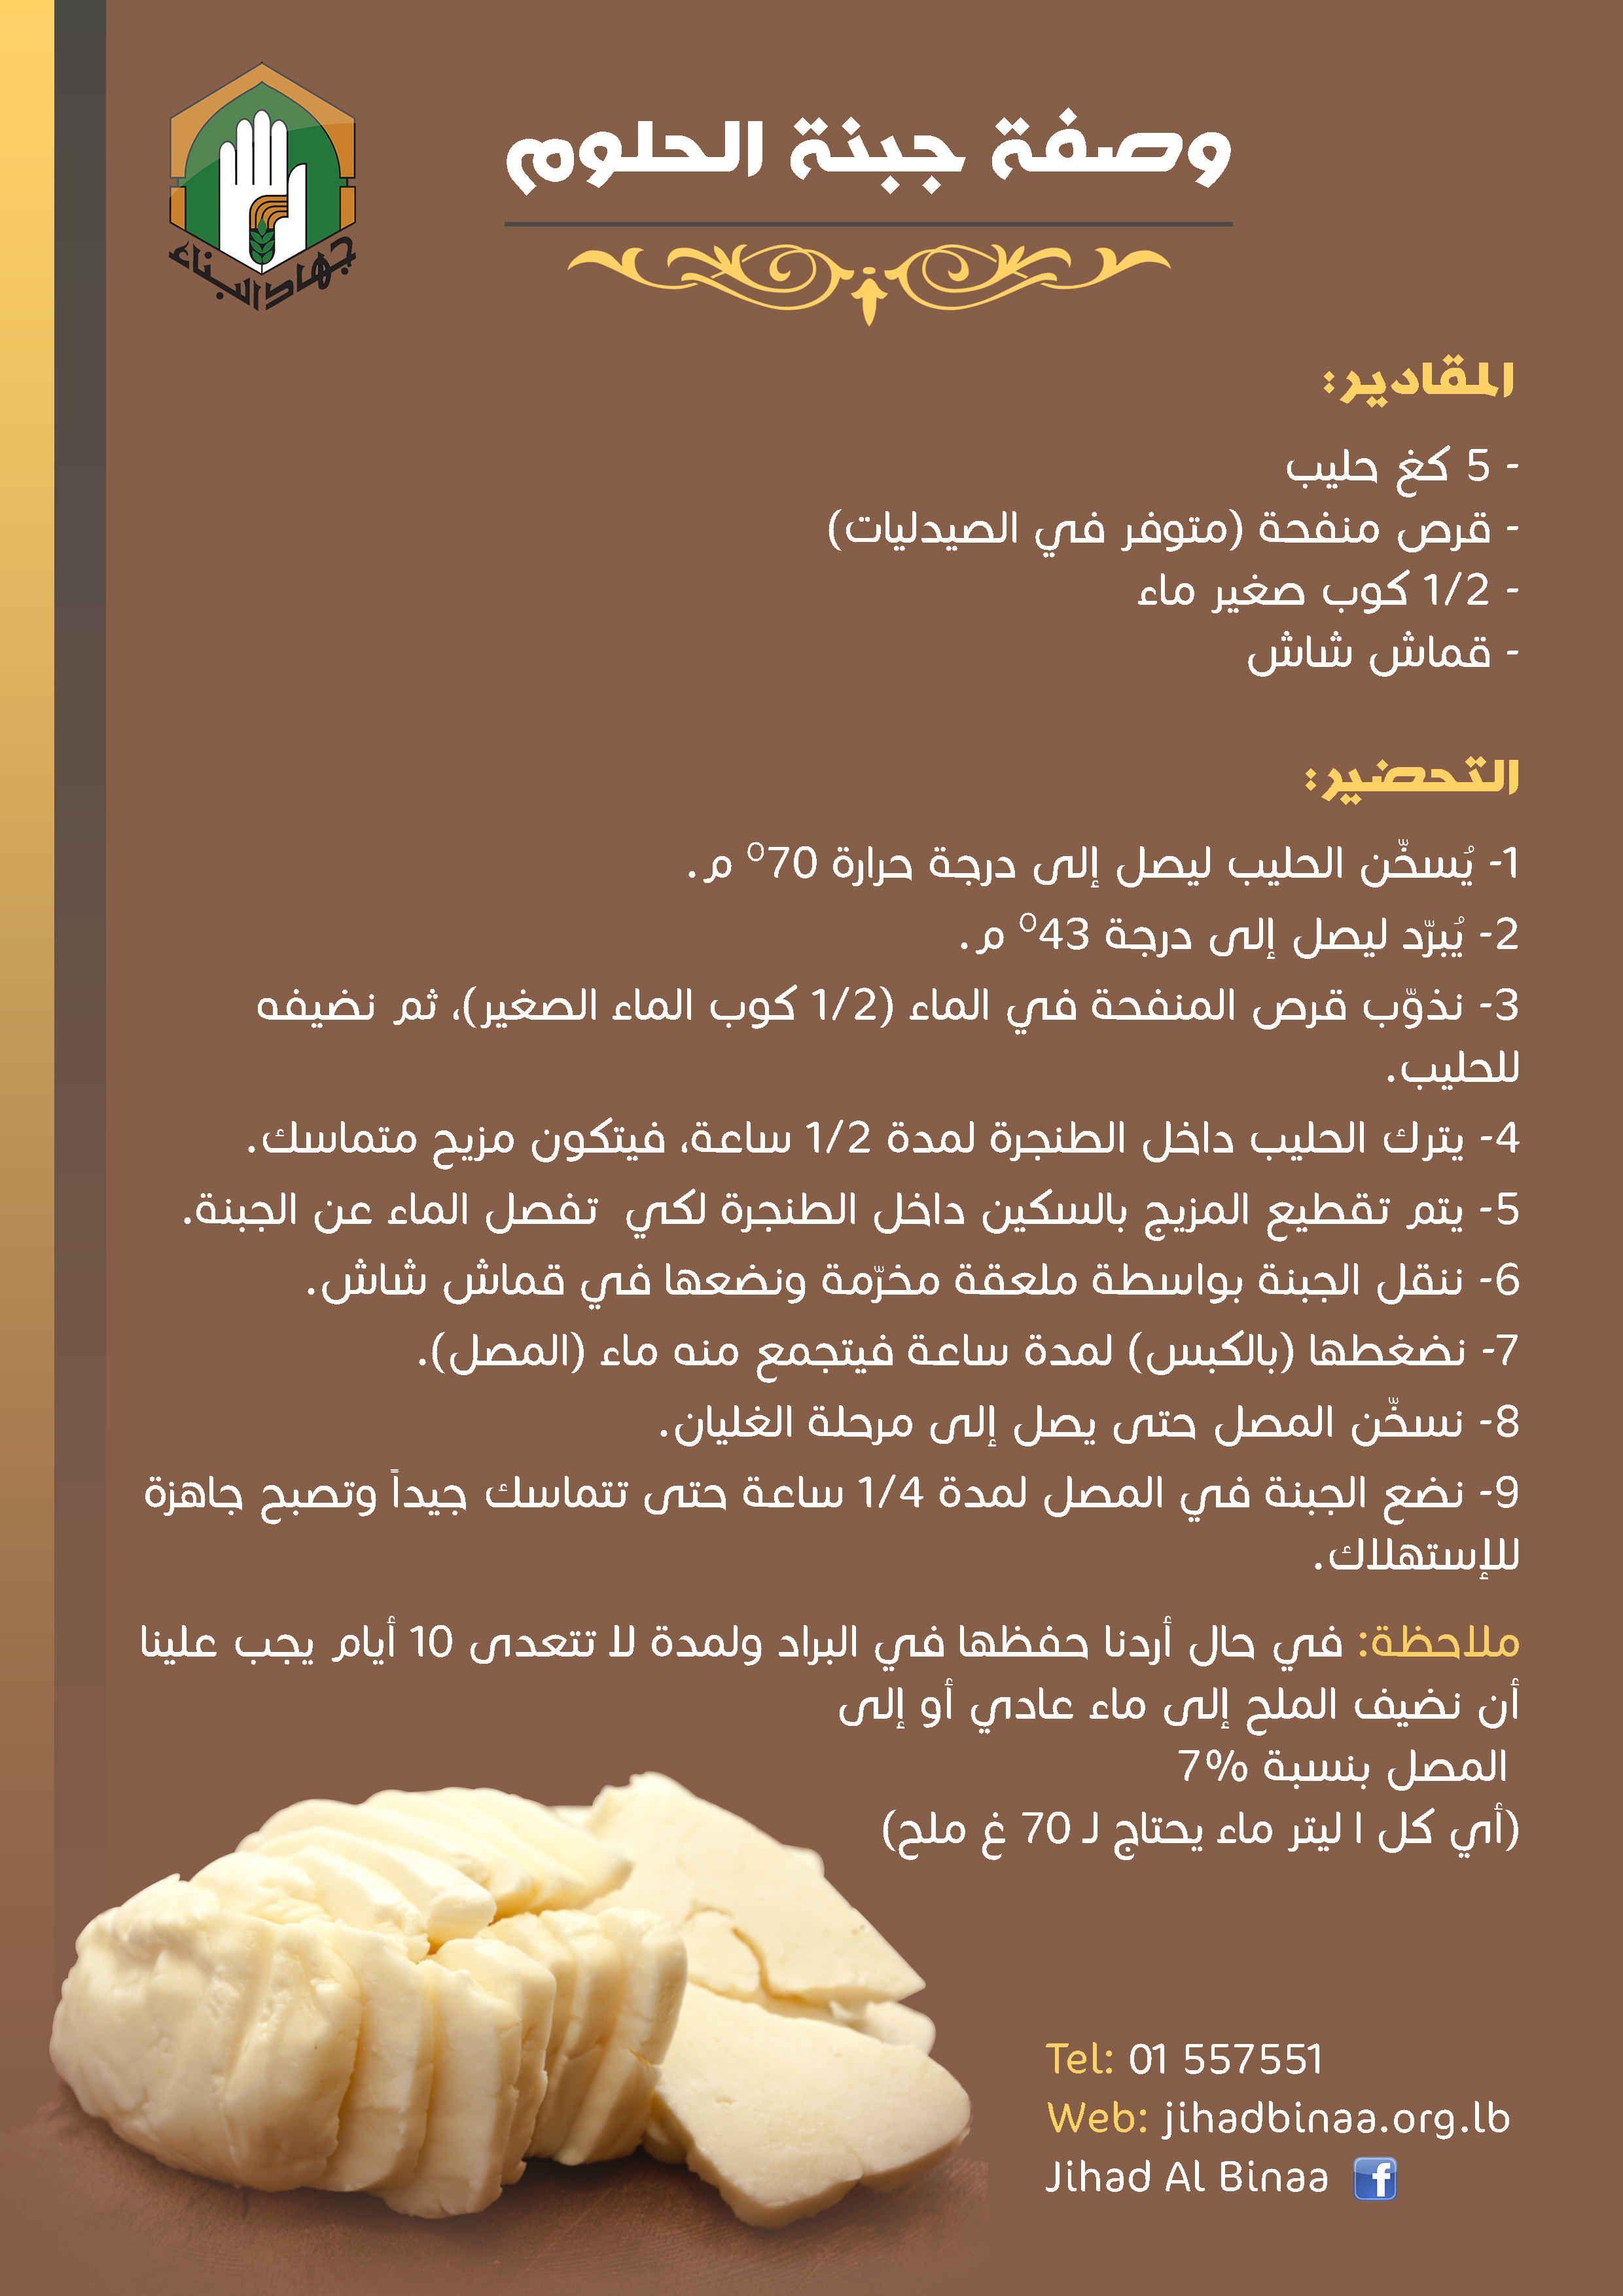 كيف تصنع جبنة الحلوم في المنزل Arabic Food Cooking Recipes Ph Food Chart